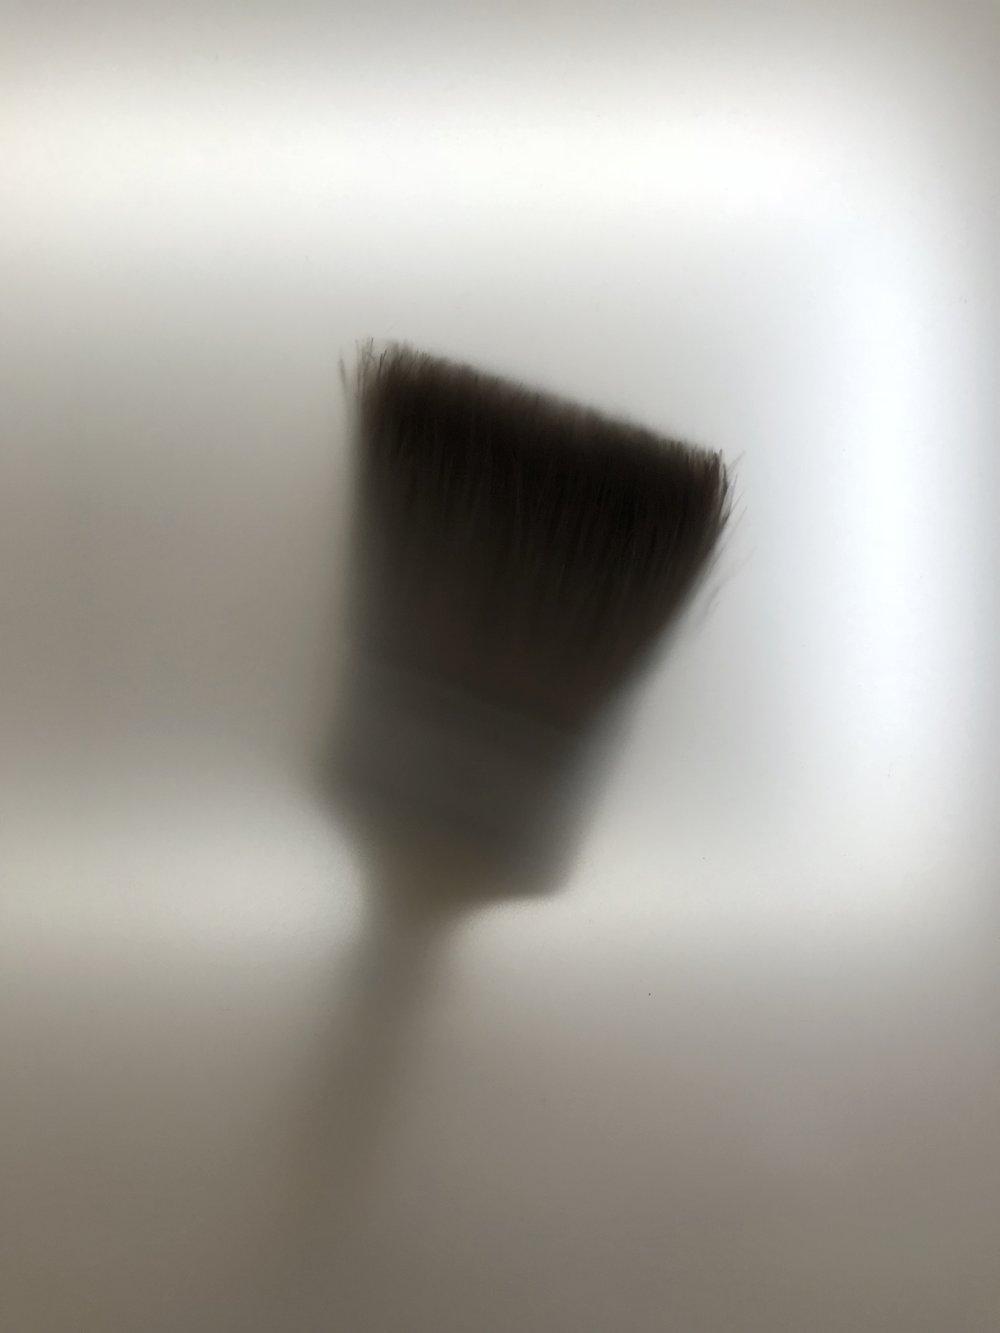 4 - Congress of spoons - 4 - ©Eleonora Pizzini.jpg